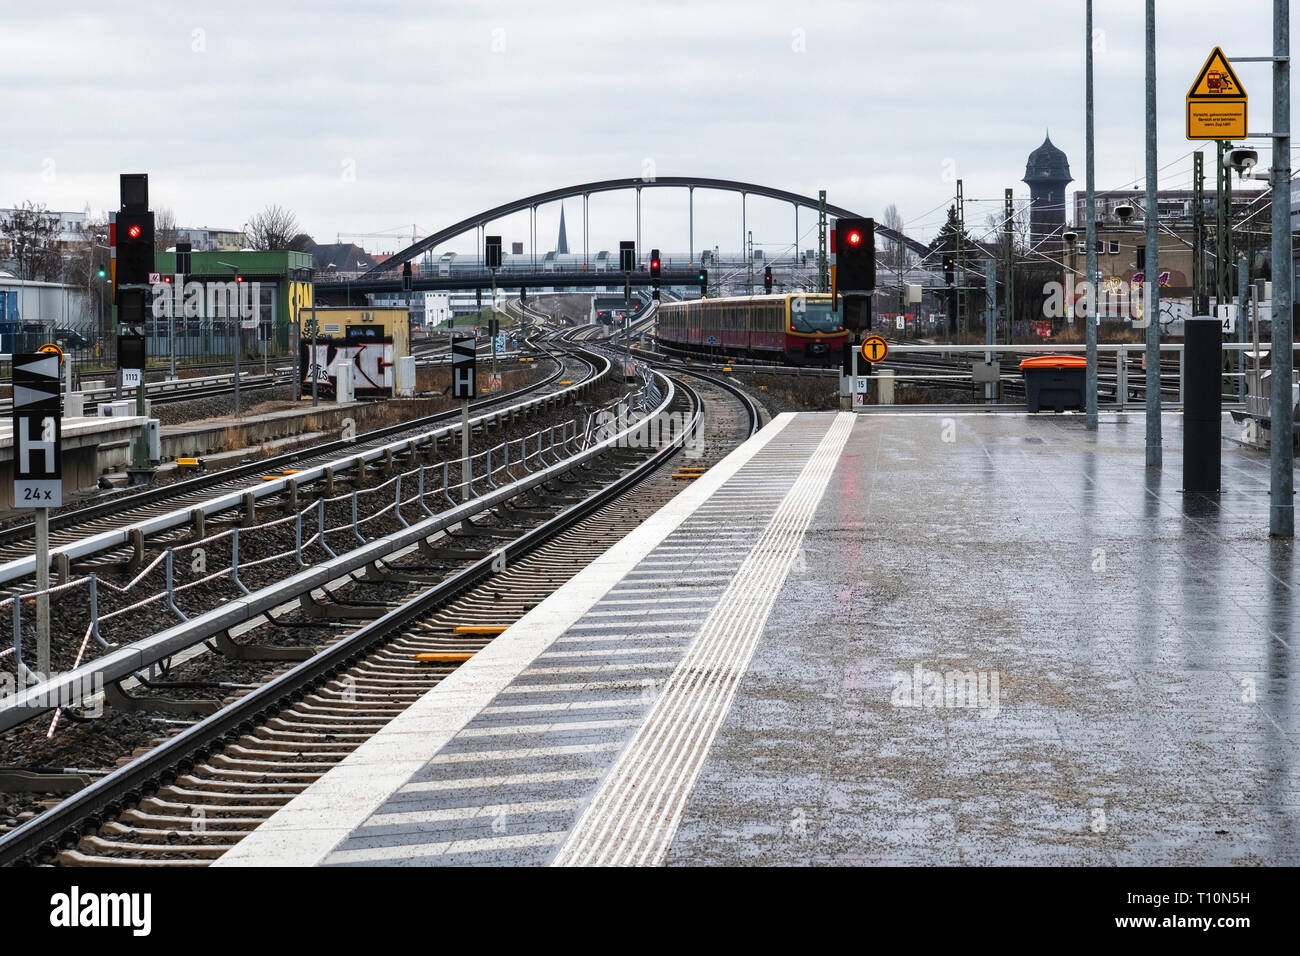 Berlin, Friedrichshain. Warschauer Strasse S-Bahn railway station,Platform and rail tracks - Stock Image